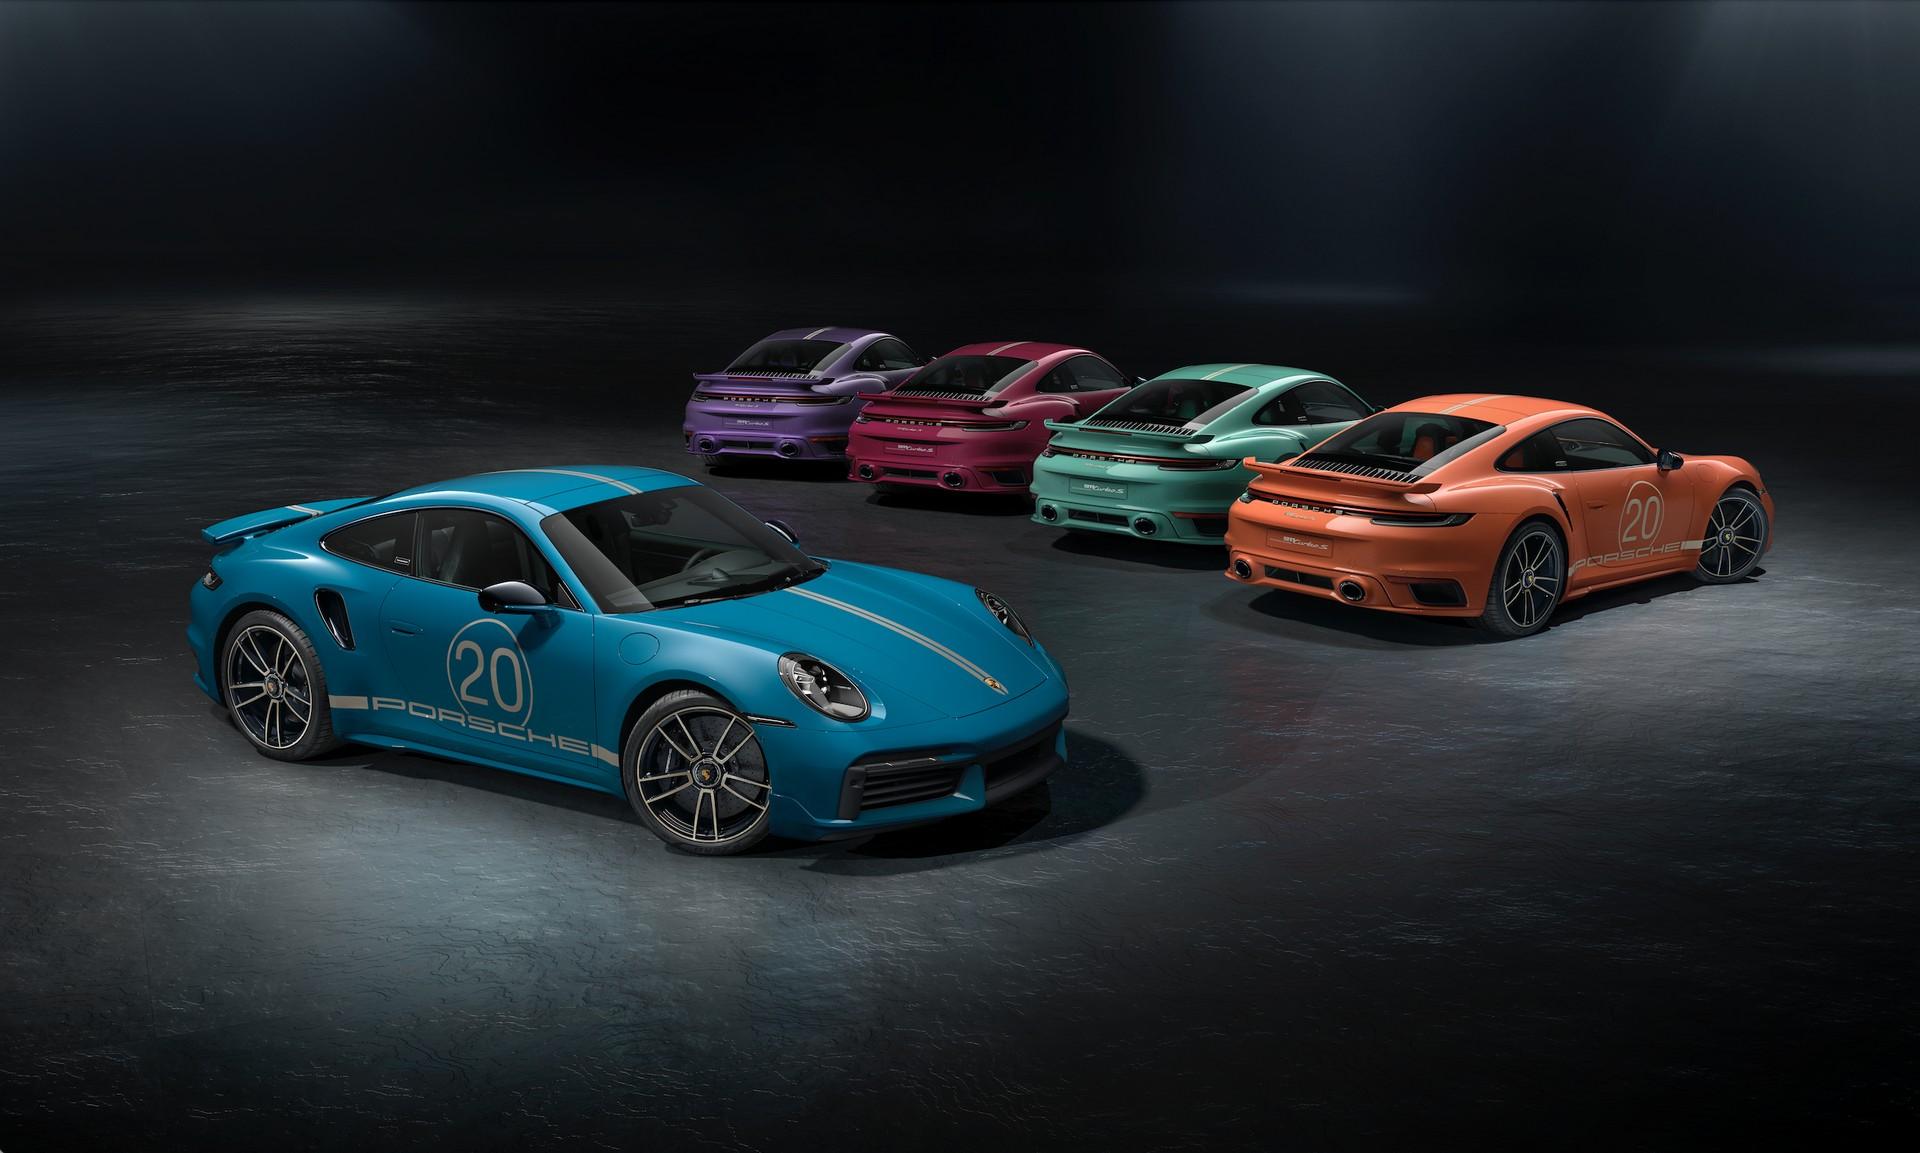 Porsche-911-Turbo-S-20th-Anniversary-Edition-8